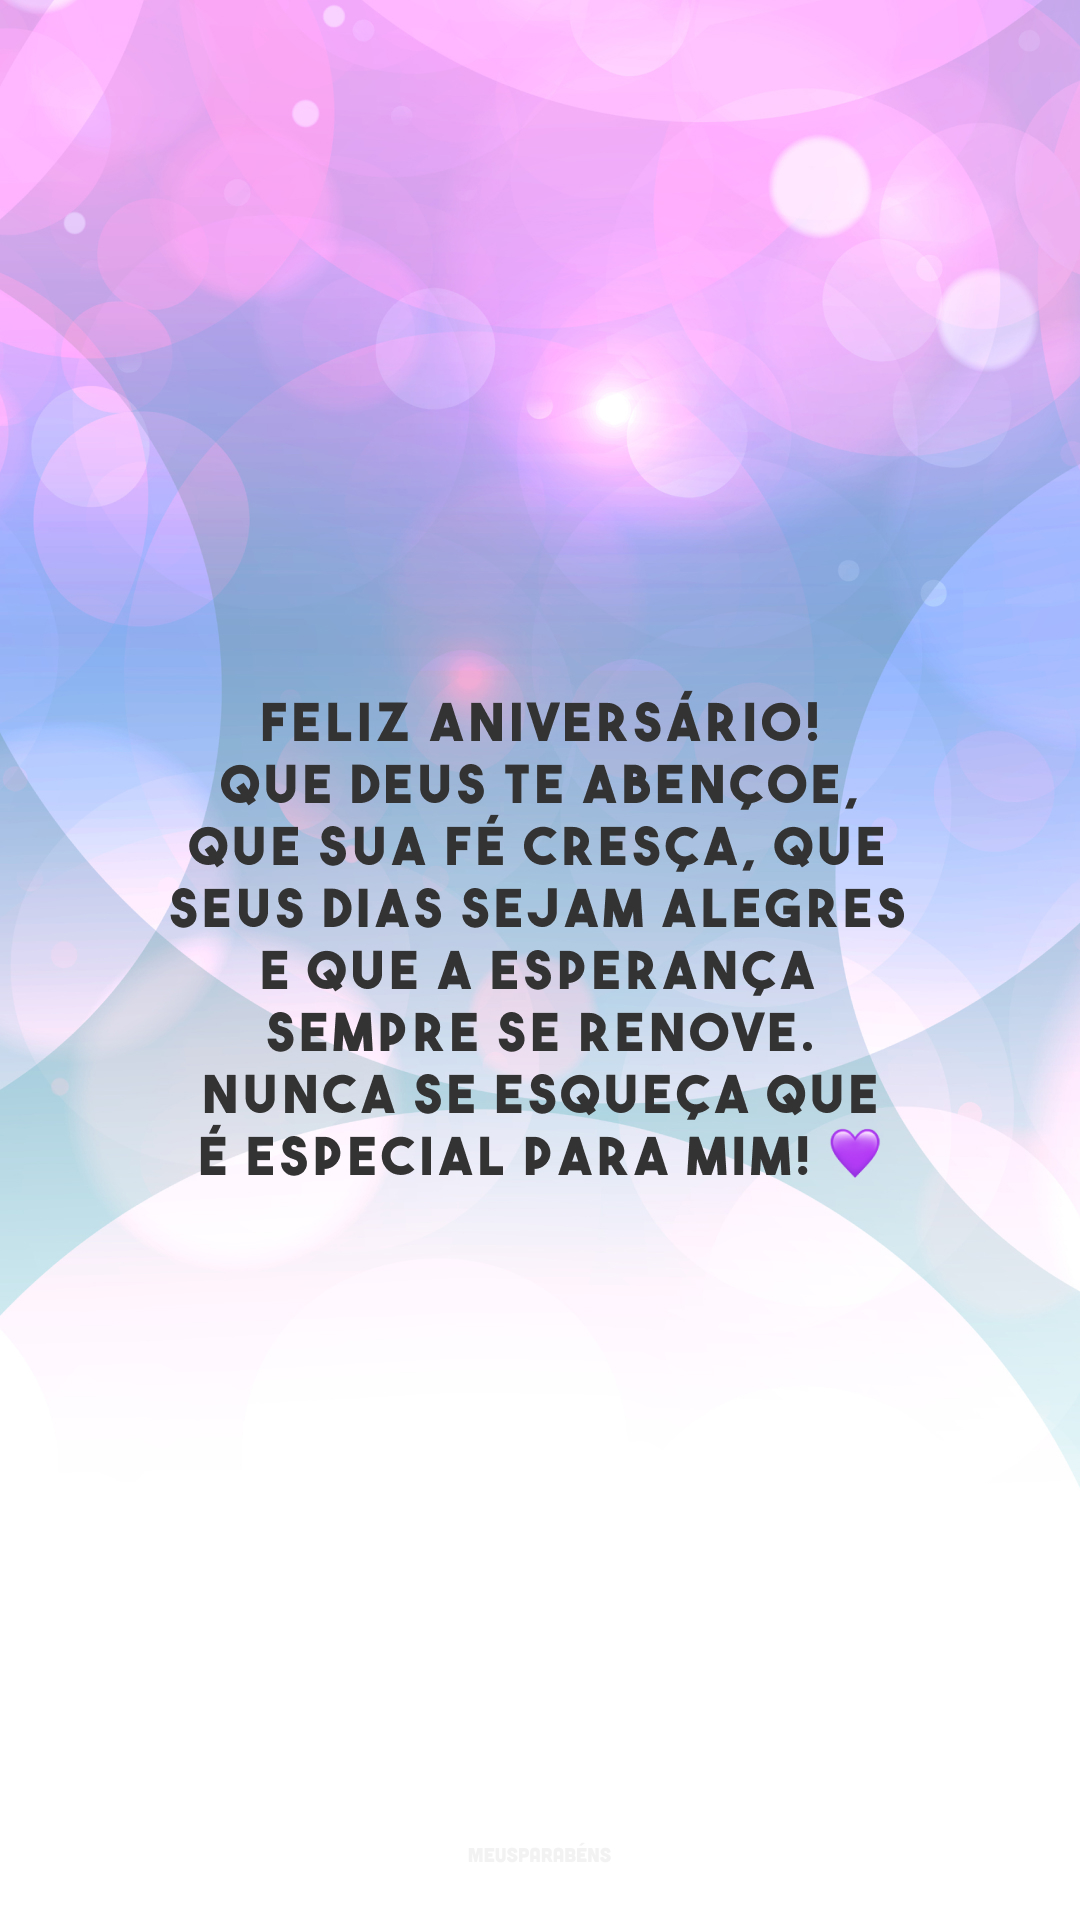 Feliz aniversário! Que Deus te abençoe, que sua fé cresça, que seus dias sejam alegres e que a esperança sempre se renove. Nunca se esqueça que é especial para mim! 💜